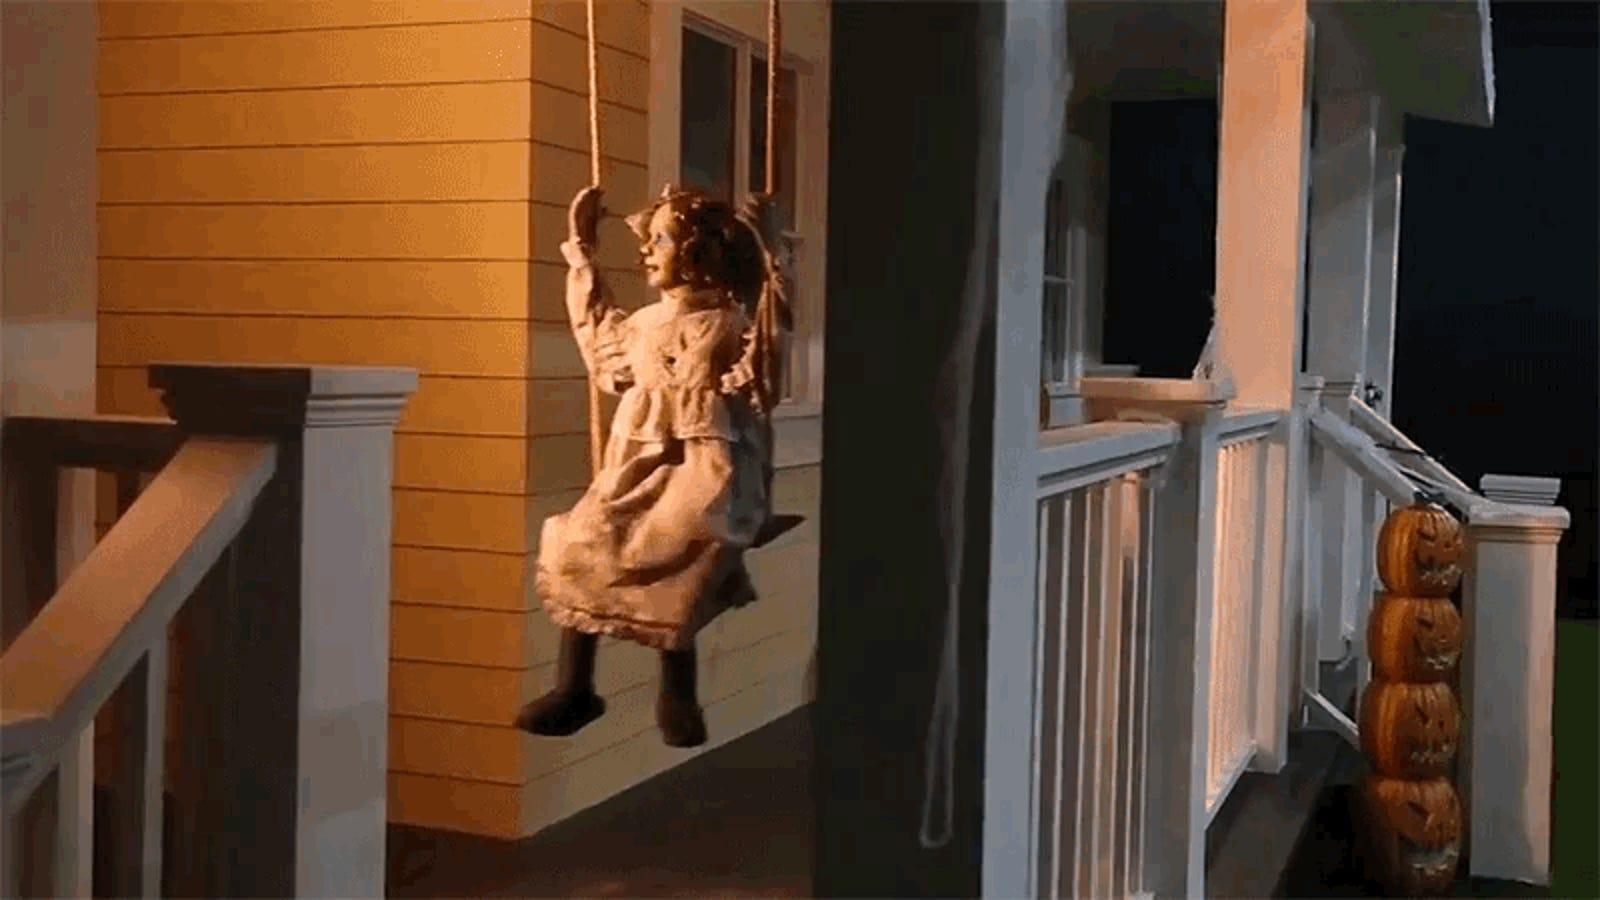 Unas arañas aterrorizan a los habitantes de un pueblo al activar una alarma con canciones infantiles en mitad de la noche